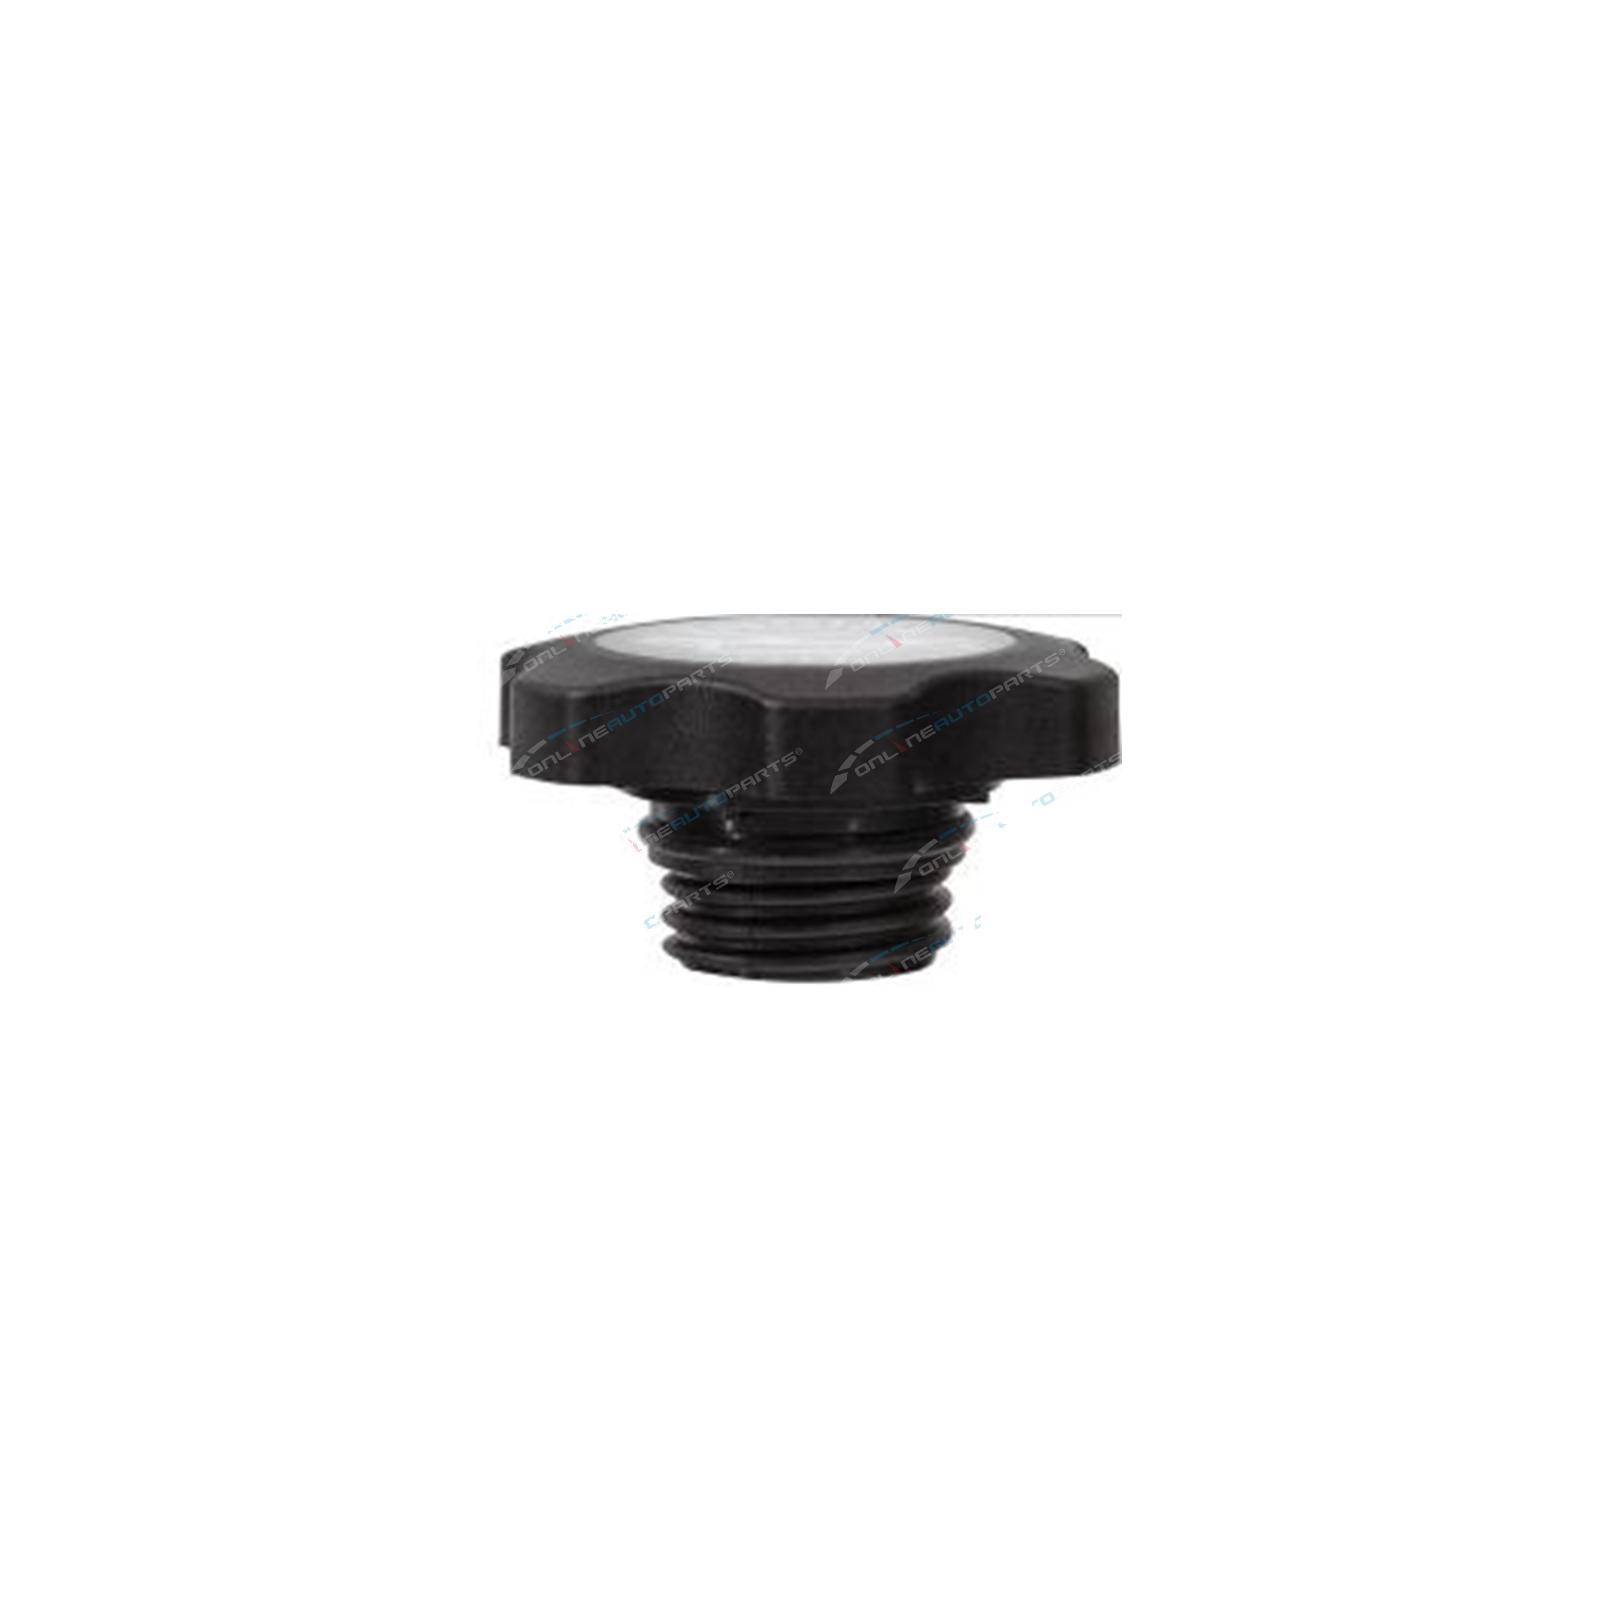 TOC527 - Engine Oil Cap Plastic screw (fine thread) - Tridon